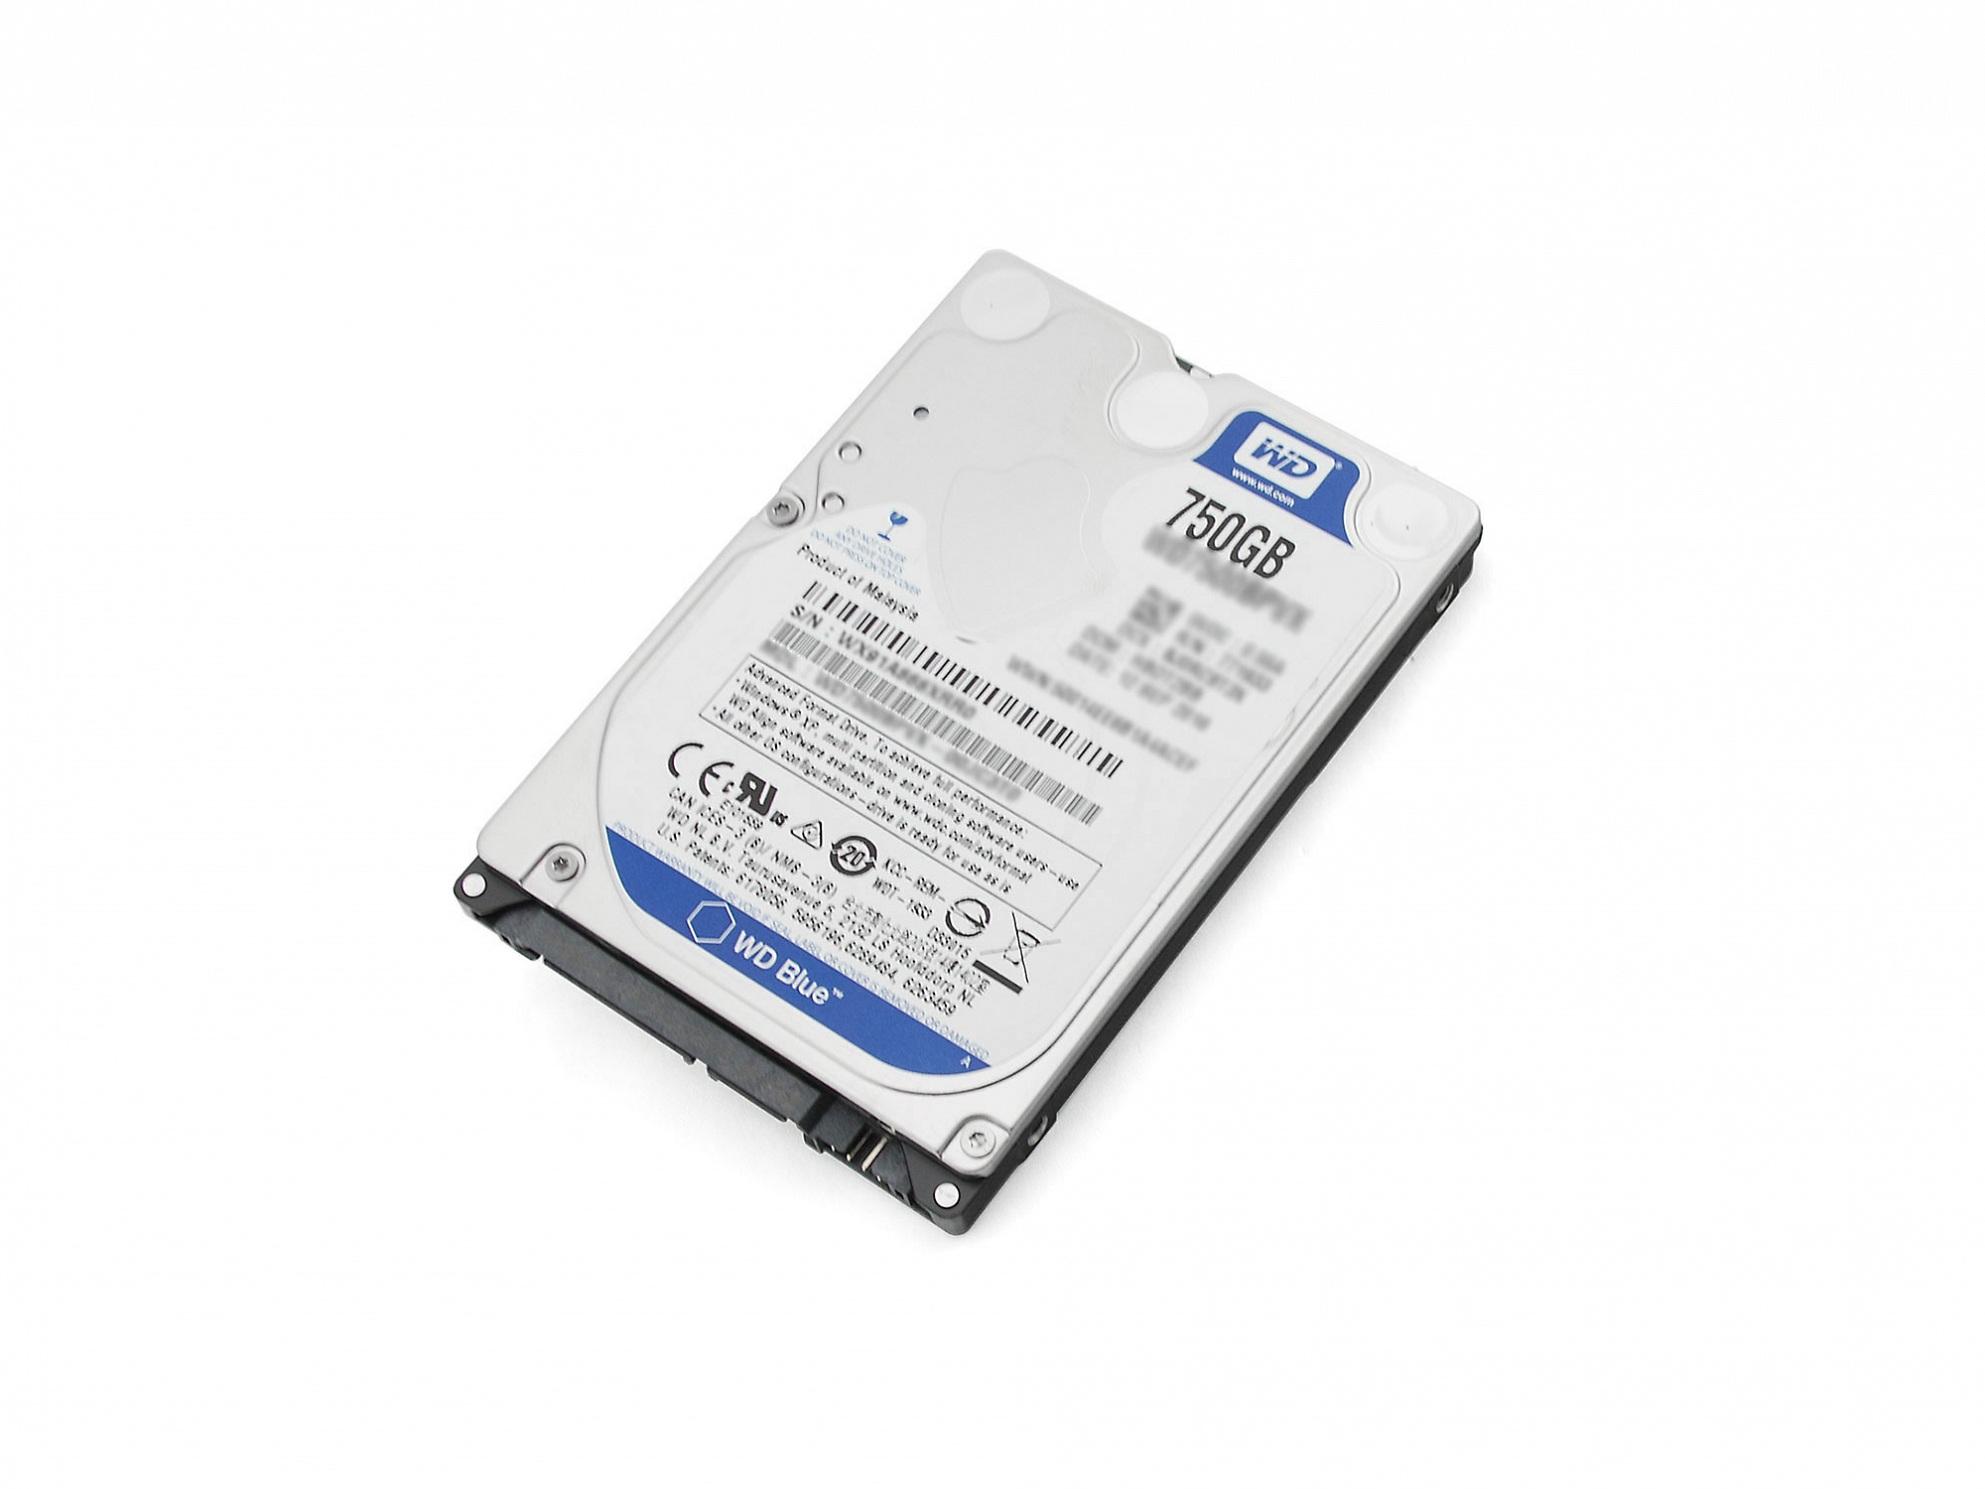 Festplatte 750 GB 6,4cm (2,5 Zoll) S-ATA WD für Fujitsu Amilo Li-3910 Reg.No. EF9